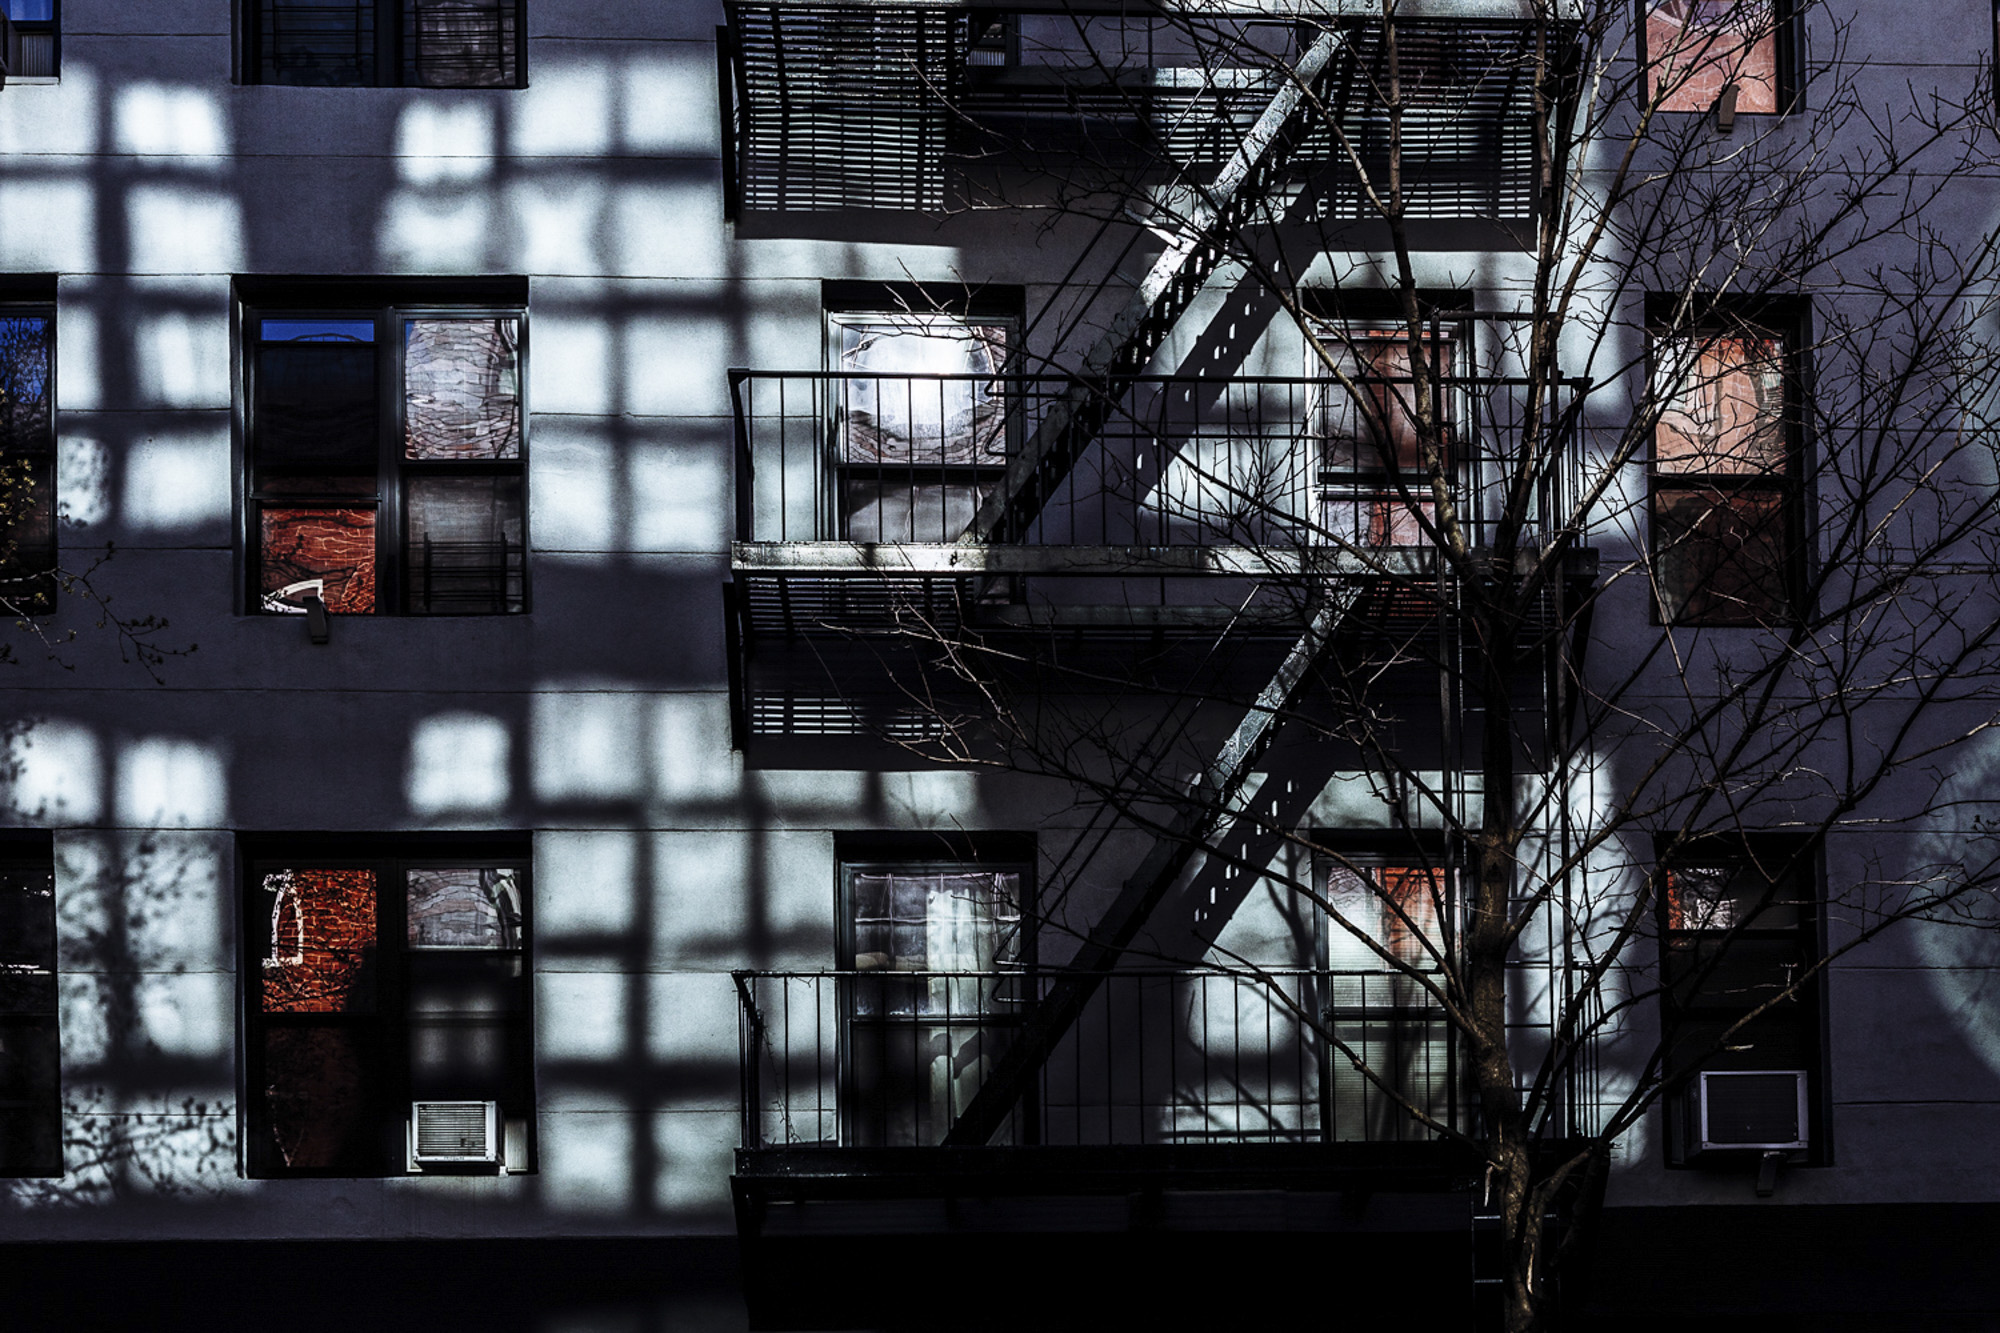 kyrani-kanavaros-new-york-photography-16.jpg